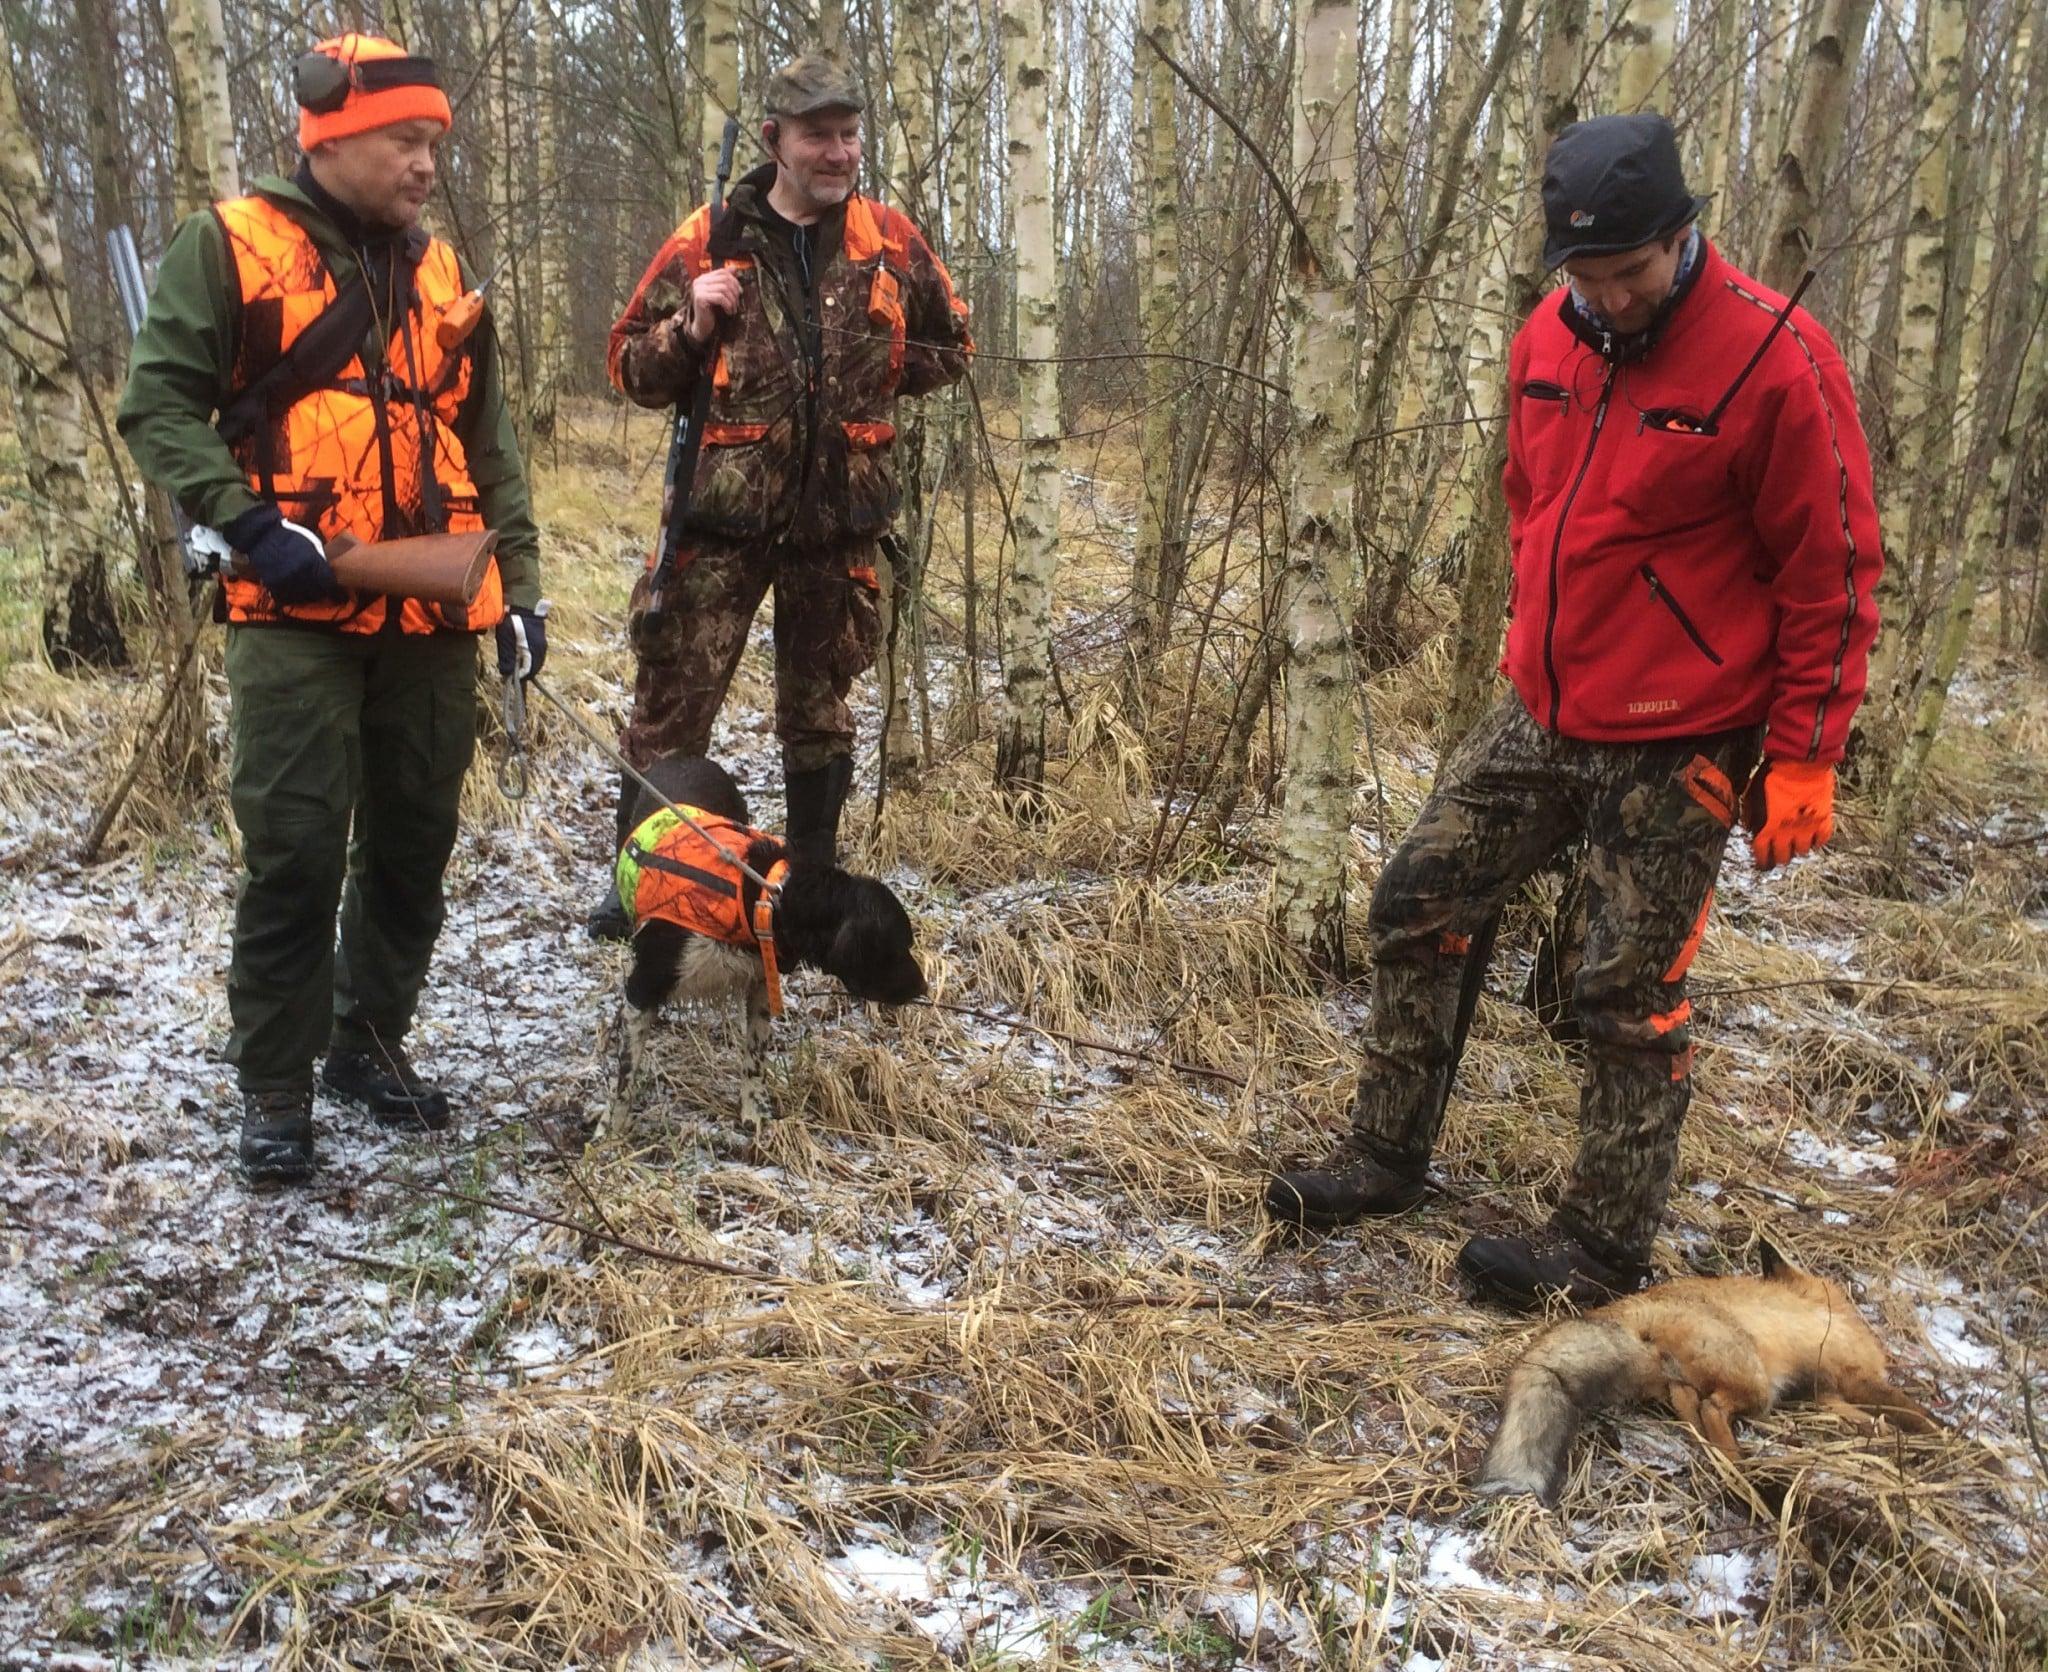 Hundförare Johan Molin, initiativtagare Anders Wiklund samt Marcus Söderberg med sin skjutna räv. Foto: Jerk Sjöberg